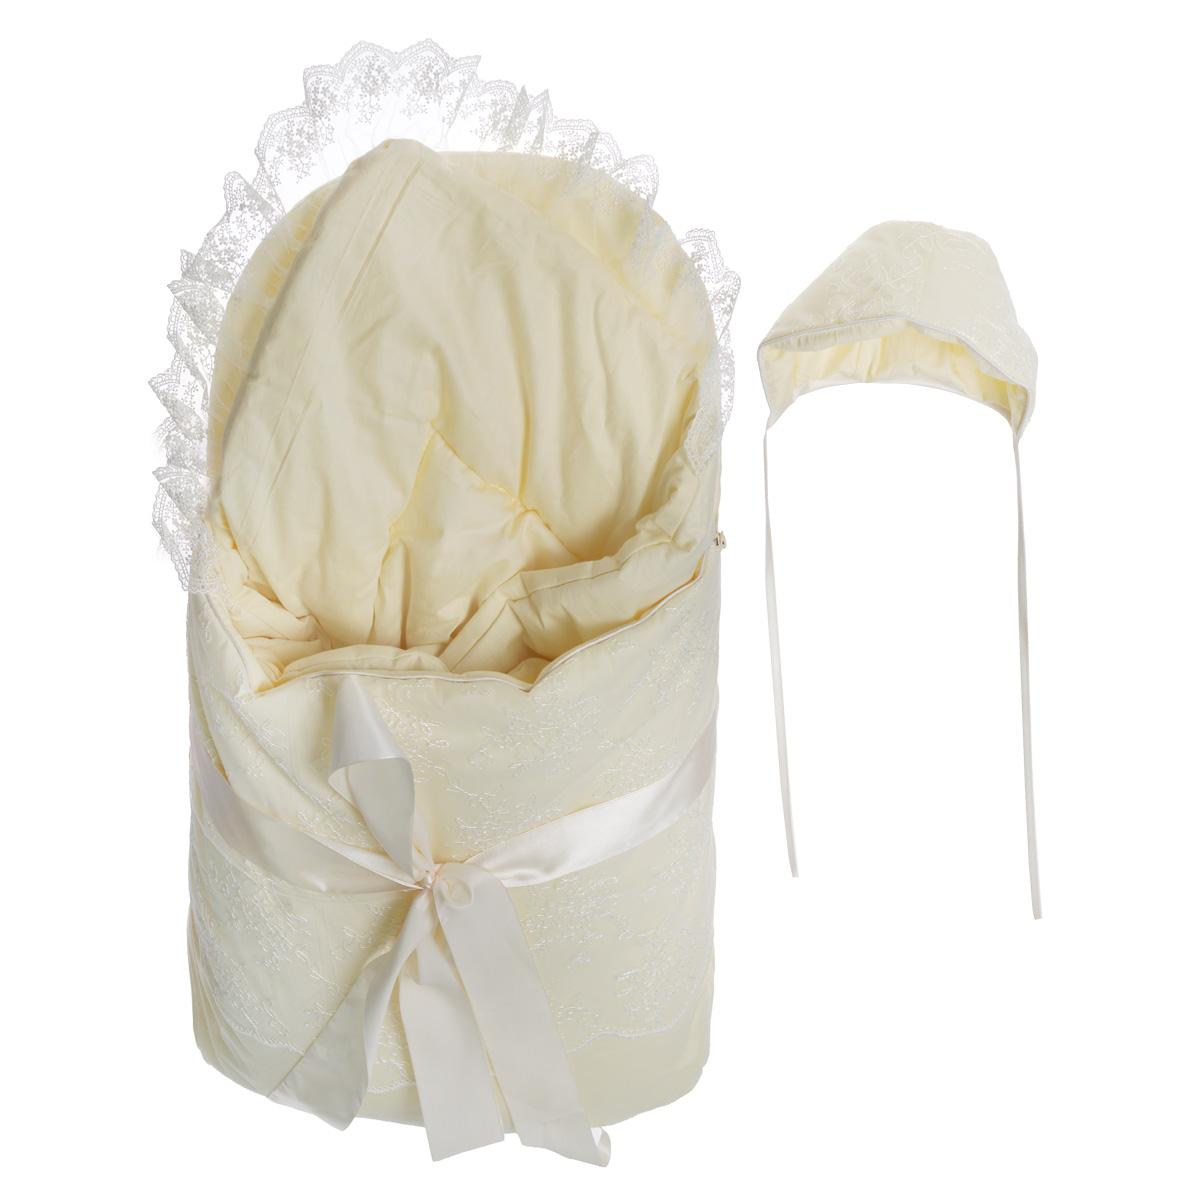 Комплект на выписку Baby Nice: конверт, одеяло, чепчик, цвет: светло-бежевый. Ка12111. Размер 0/3 месяцаКа12111Комплект на выписку Baby Nice прекрасно подойдет для выписки новорожденного из роддома. Комплект состоит из конверта, теплого одеяла и чепчика. В дальнейшем его можно использовать во время прогулок с малышом в коляске-люльке или в качестве удобного коврика для пеленания. Элементы комплекта изготовлены из сатина - 100% хлопка на подкладке из сатина - 100% хлопка. В качестве утеплителя используется файберпласт (200 г) - качественный, легкий и неприхотливый в эксплуатации нетканый материал, который великолепно удерживает тепло, дышит, является гипоаллергенным, прекрасно стирается, практически не слеживается, быстро сохнет и не впитывает неприятные запахи.Конверт по бокам застегивается на длинную застежку-молнию с двойным бегунком. Передняя часть конверта отстегивается, что помогает нижнюю часть использовать как коврик. Конверт украшен ажурной вышивкой и декоративным атласным бантом.Мягкое воздушное одеяло украшено неширокой вуалью и дополнено ленточкой для удобного пеленания.Мягкий чепчик, необходимый любому младенцу, защищает еще не заросший родничок, щадит чувствительный слух малыша, прикрывая ушки, и предохраняет от теплопотерь. Утепленный чепчик украшен ажурной вышивкой и дополнен завязками.Оригинальный комплект на выписку порадует взгляд родителей и прохожих.